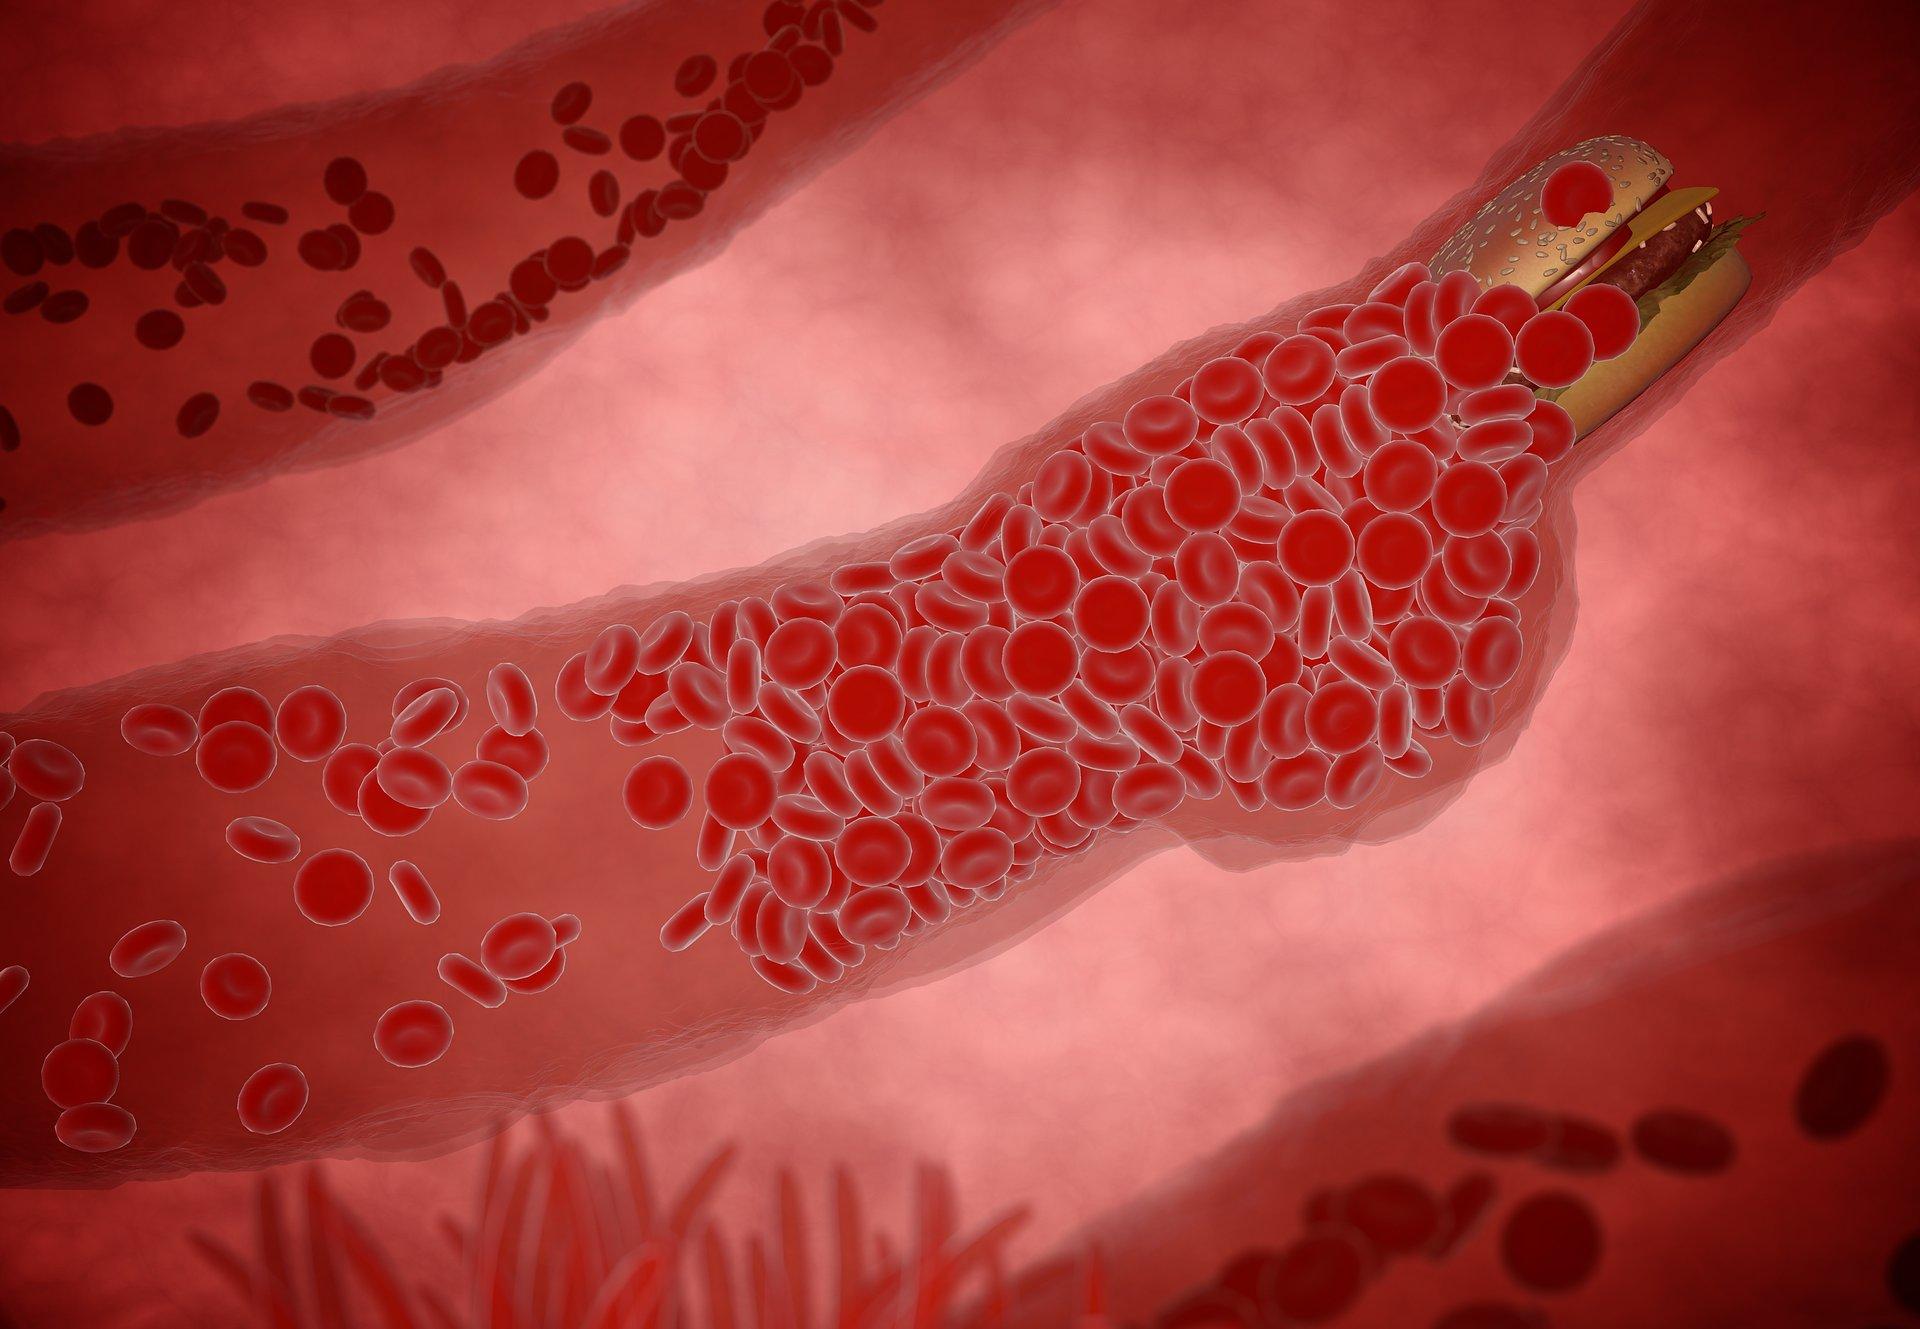 Metody leczenia miażdżycy oraz farmakoterapia zaburzeń przemian cholersterolu - praca specjalizacyjna